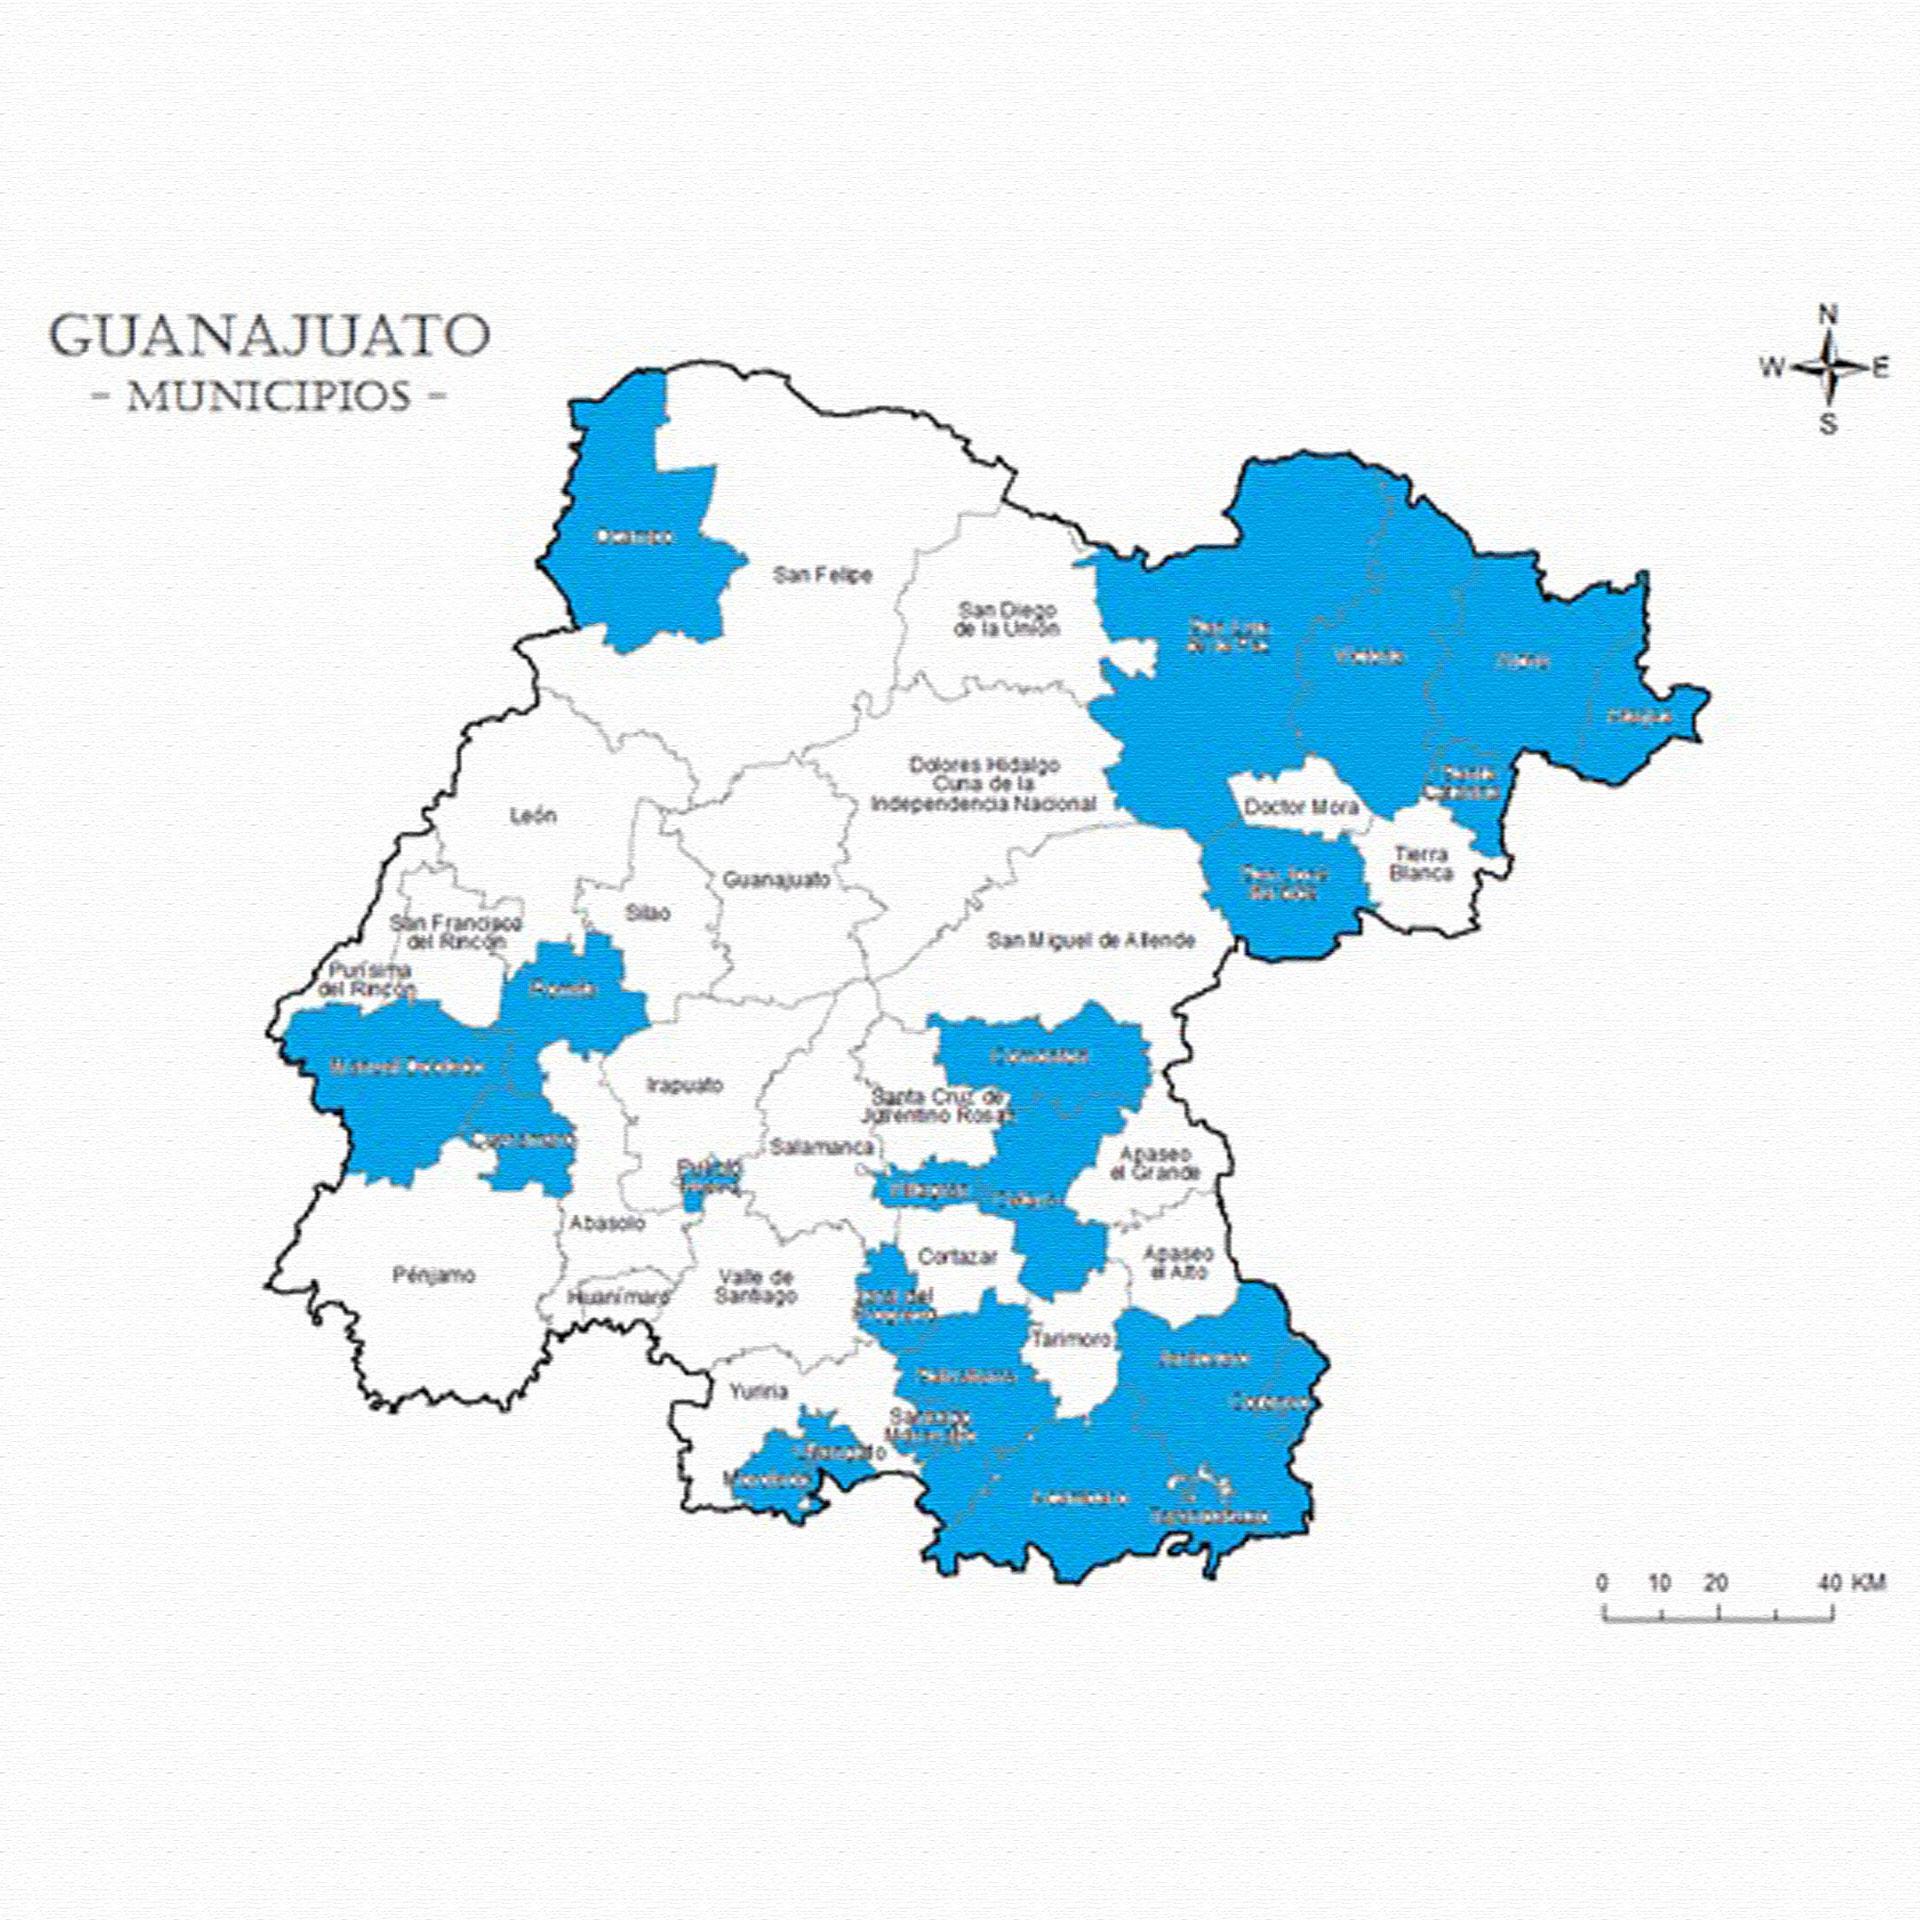 Municipios en los que el PAN postuló mujeres como candidatas a presidentas municipales en las elecciones de 2018. Fueron postuladas de manera preferente en el noreste y sureste del estado.